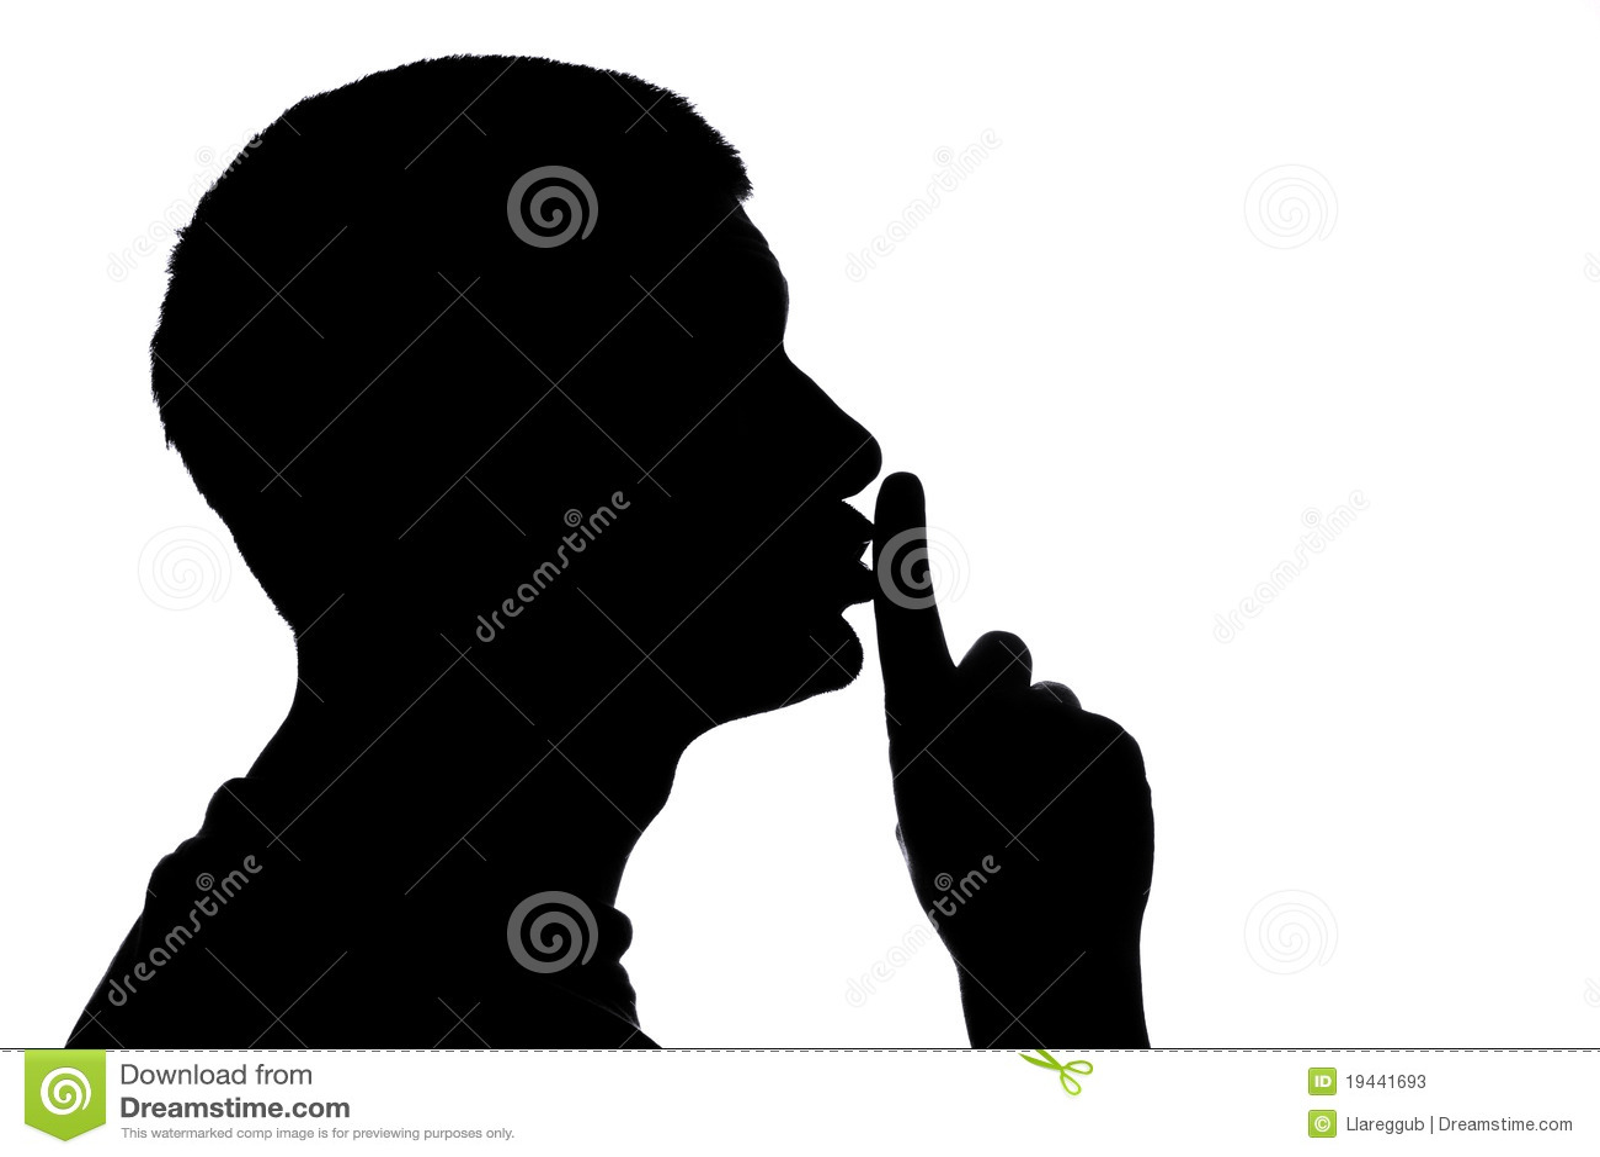 Quiet Person Clip Art Download standard clip art